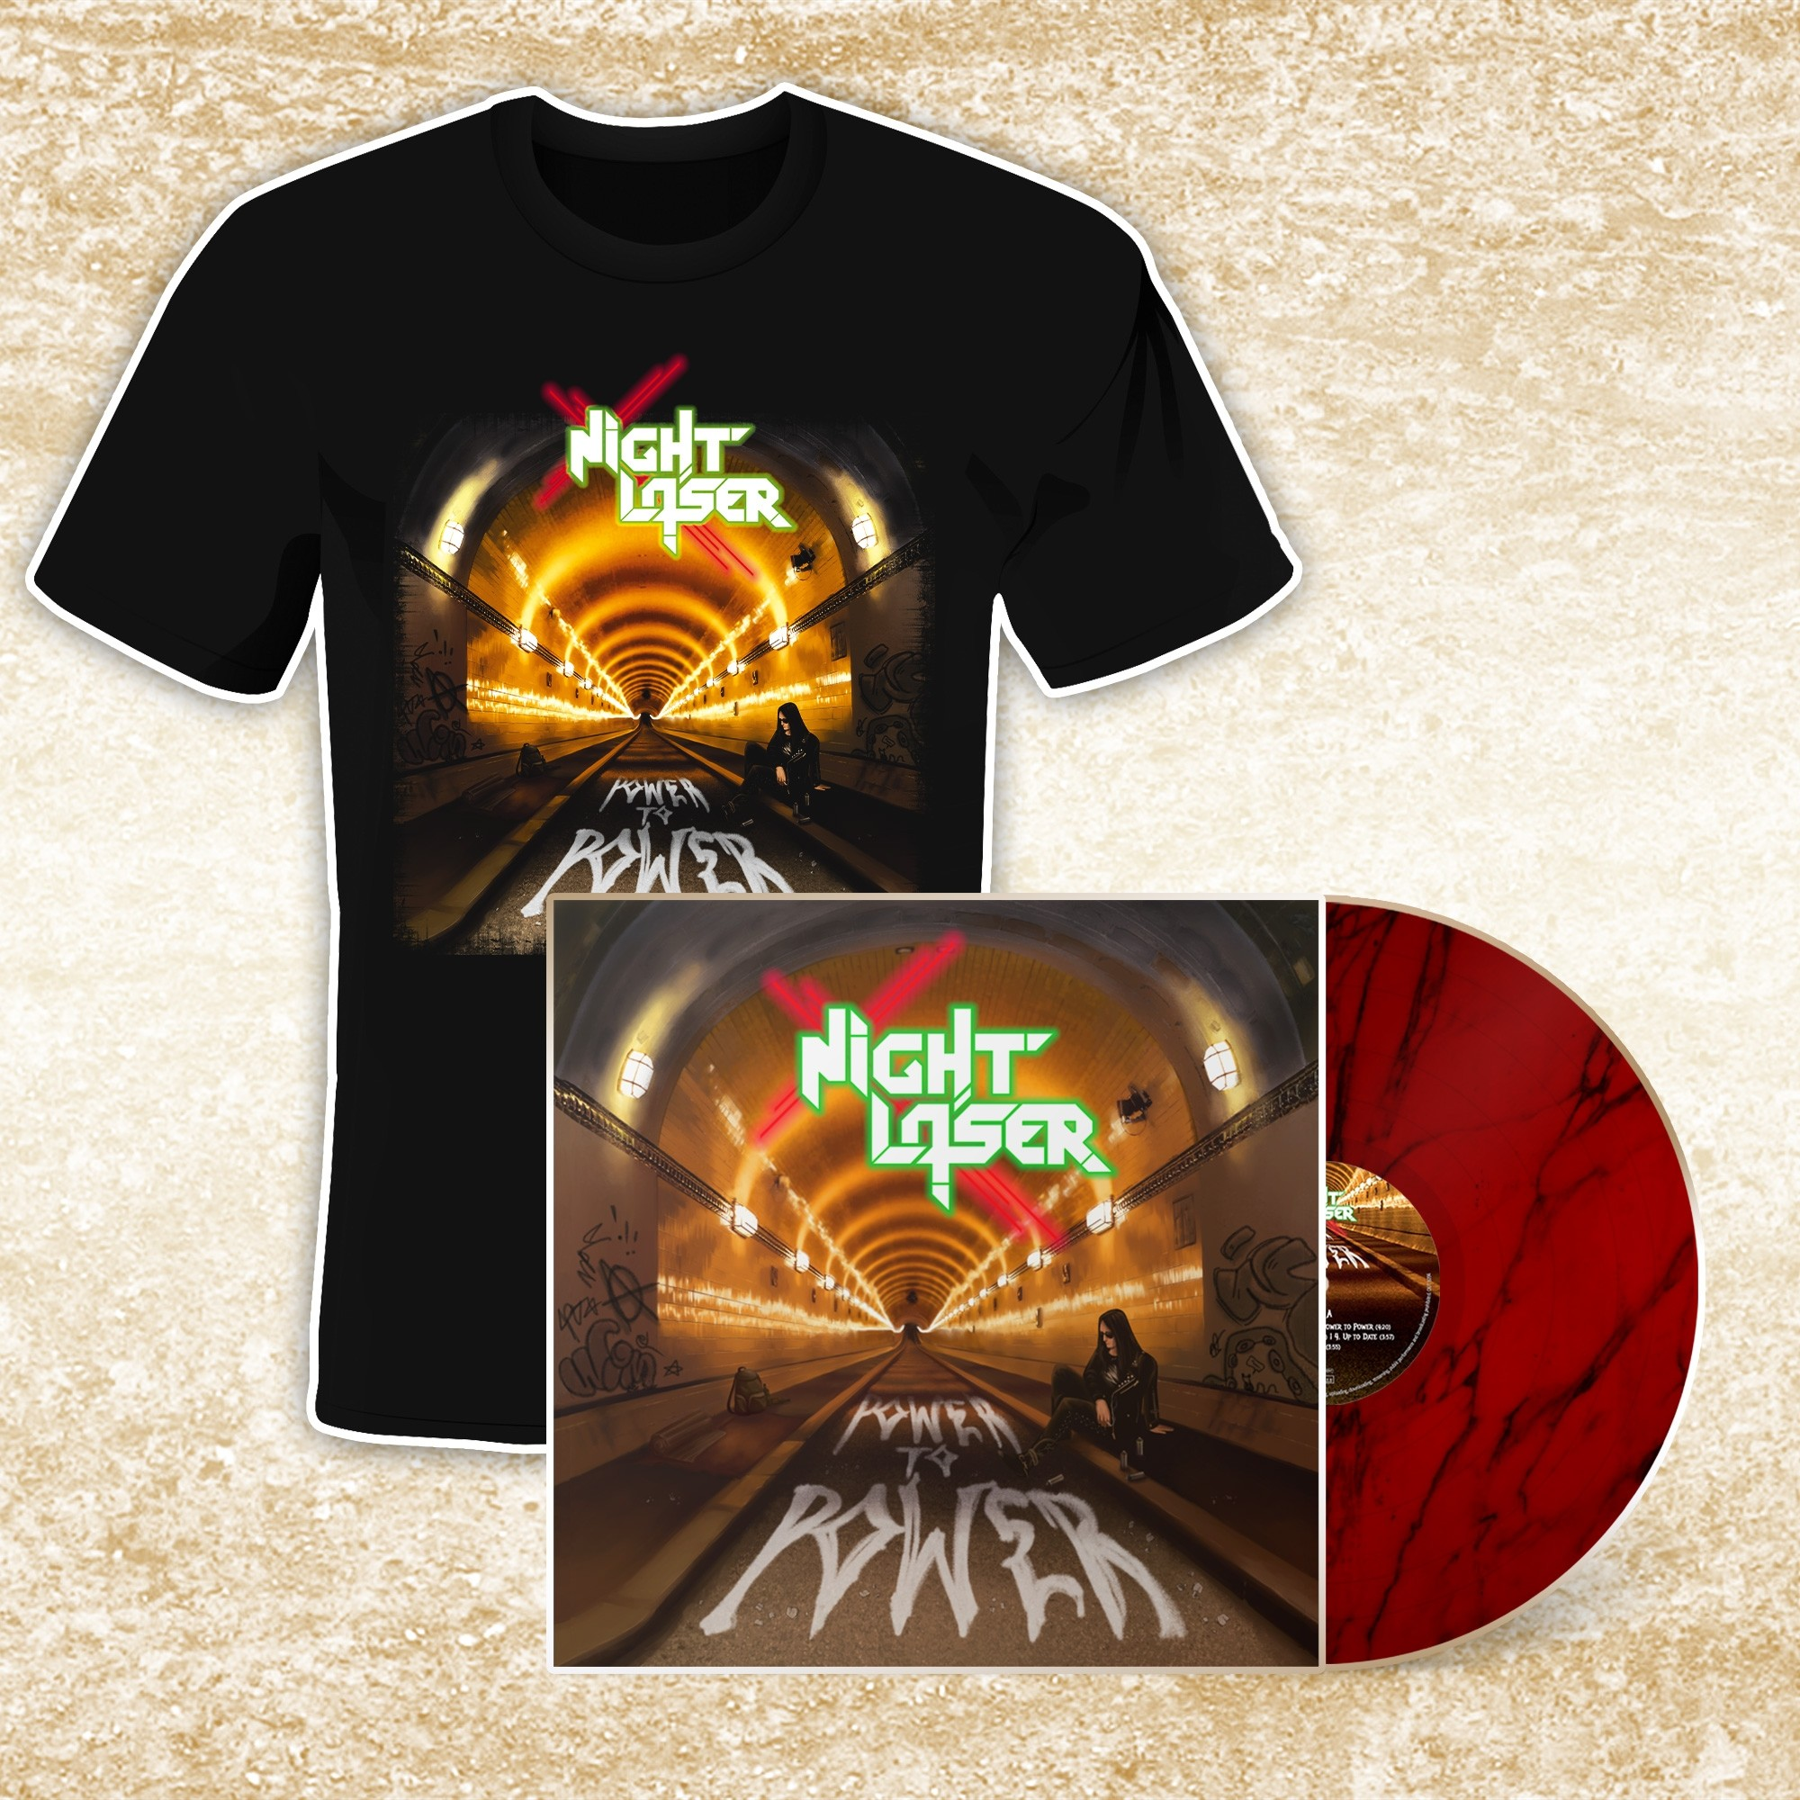 Night Laser - Power To Power - T-Shirt/LP Bundle